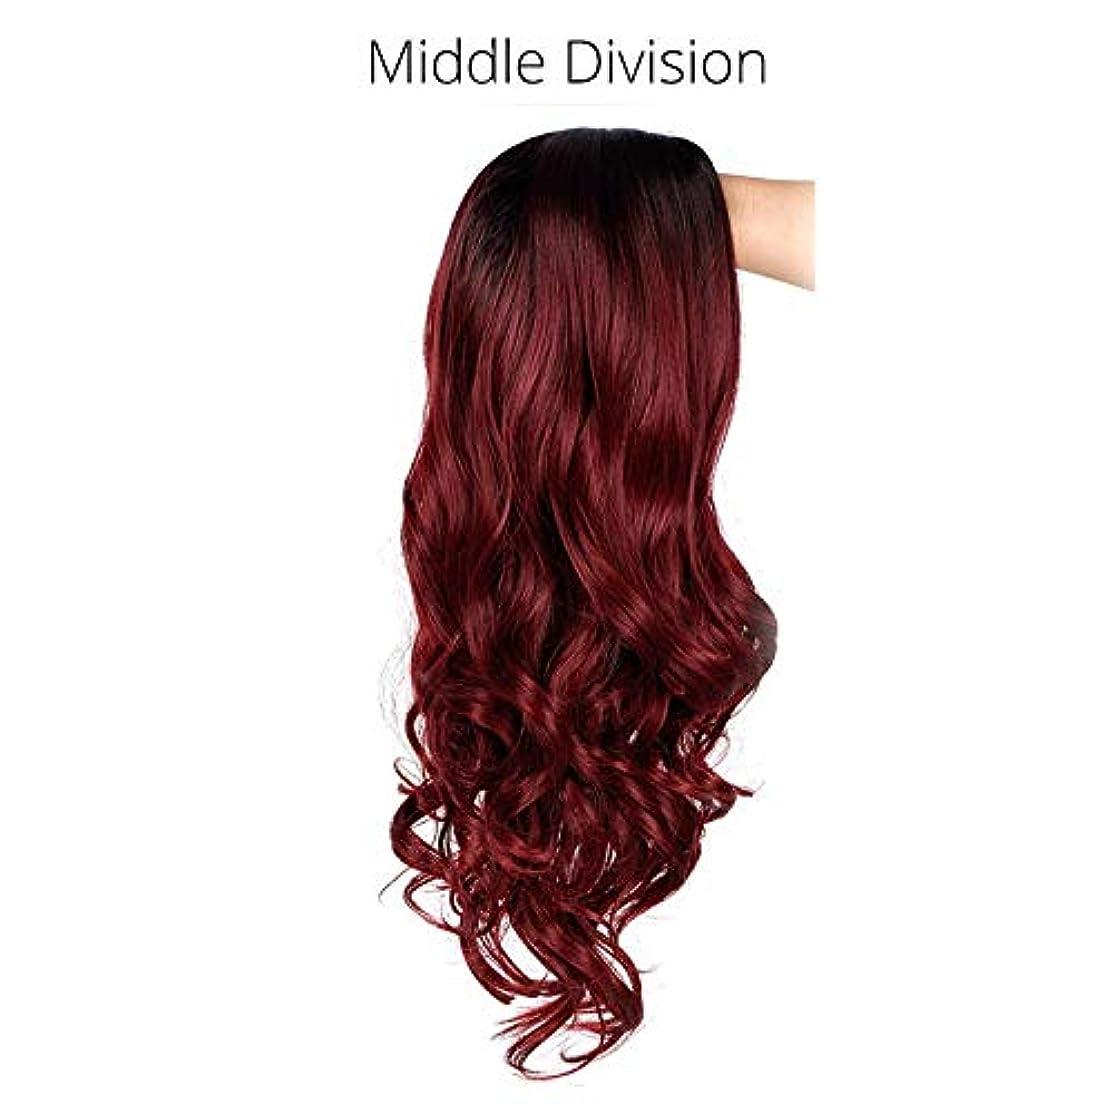 間に合わせ考えるギャロップ美しく オンブル長い波状のブロンドのかつら、合成かつら女性グレーホワイトブラックレッドブラウンブロンドのかつらグルーレス髪コスプレAISI BEAUTY (Color : R2 118 39A, Stretched Length : 24inches)